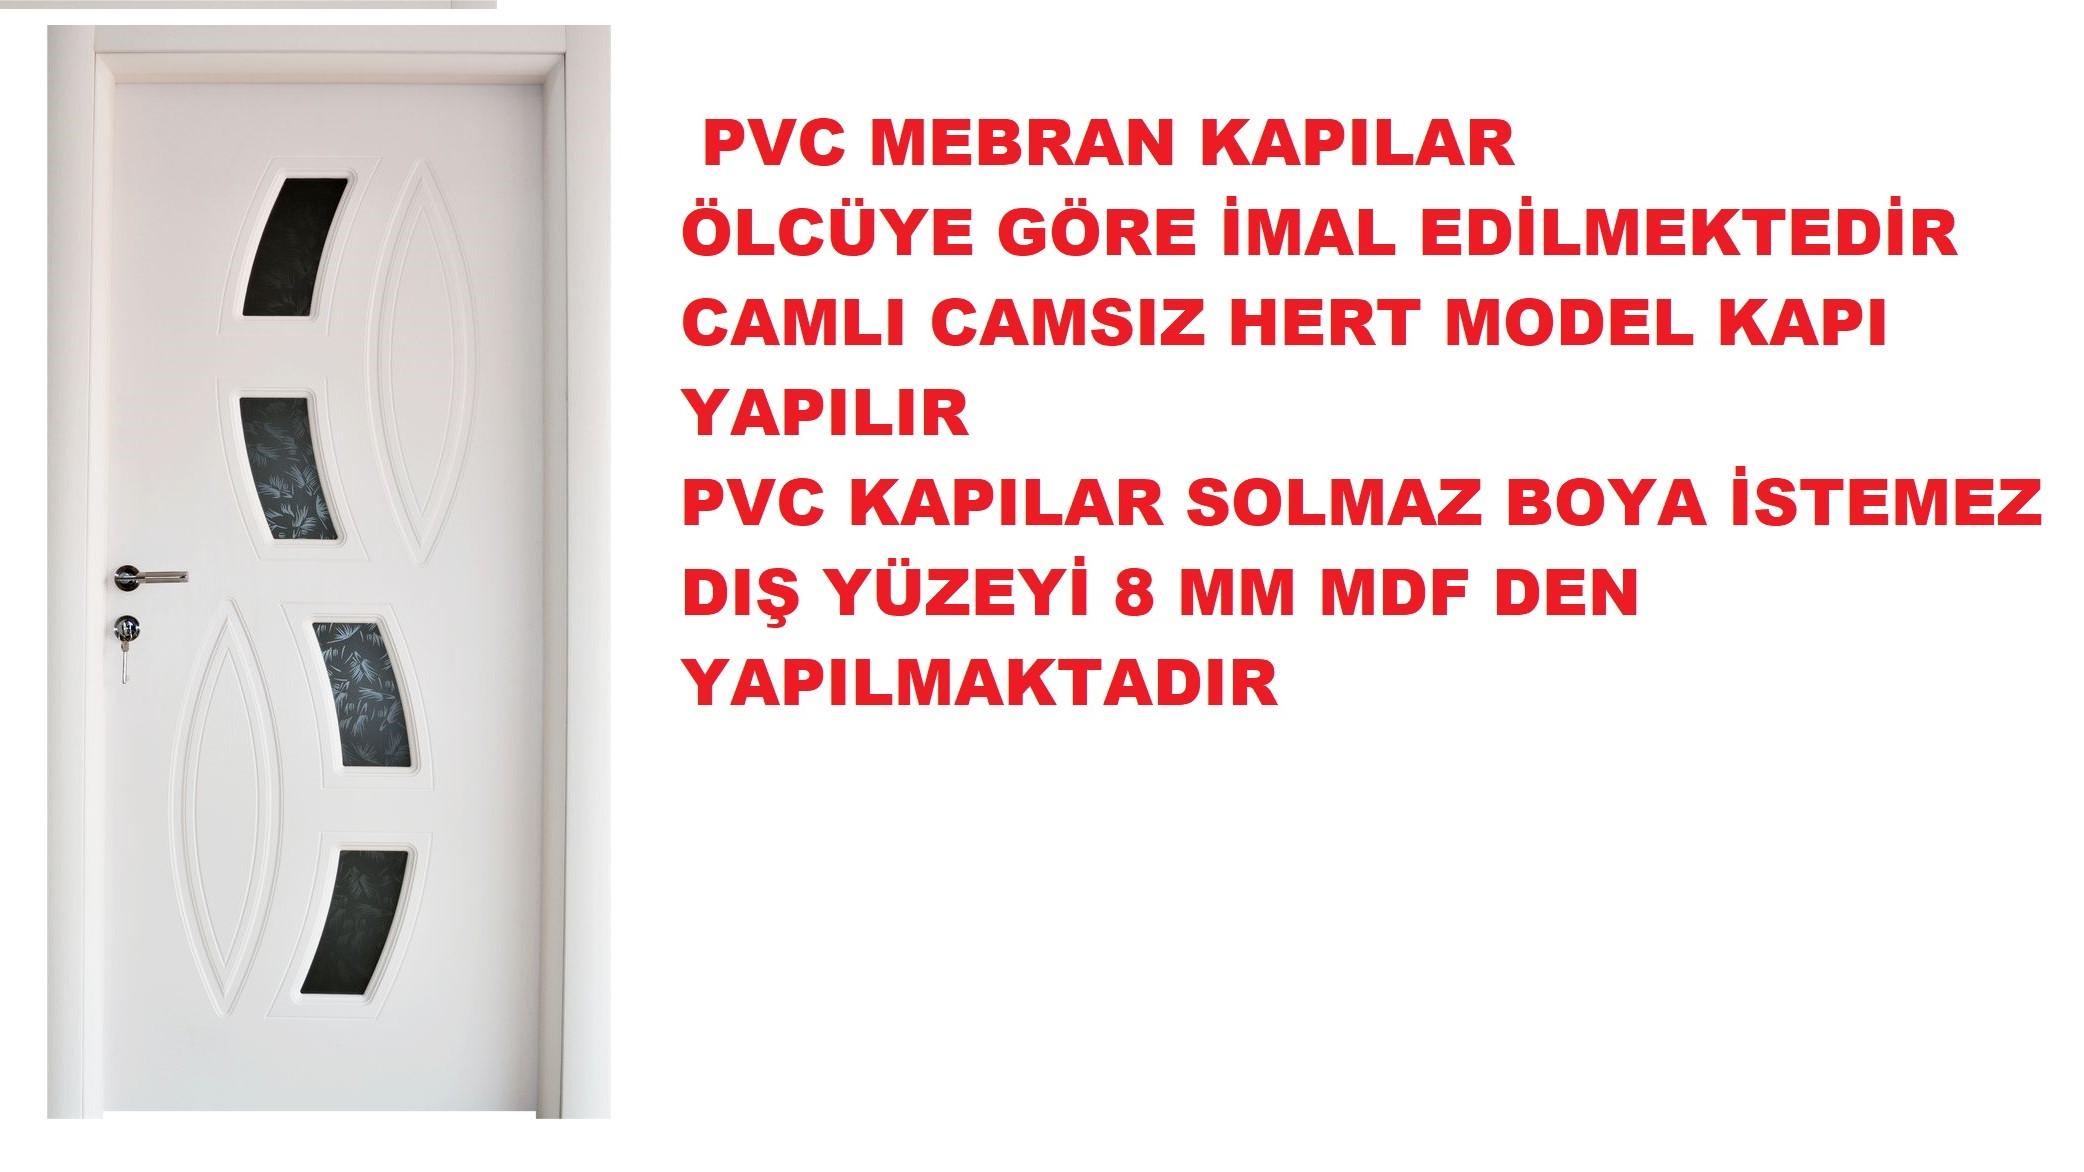 PVC MEBRAN KAPILAR